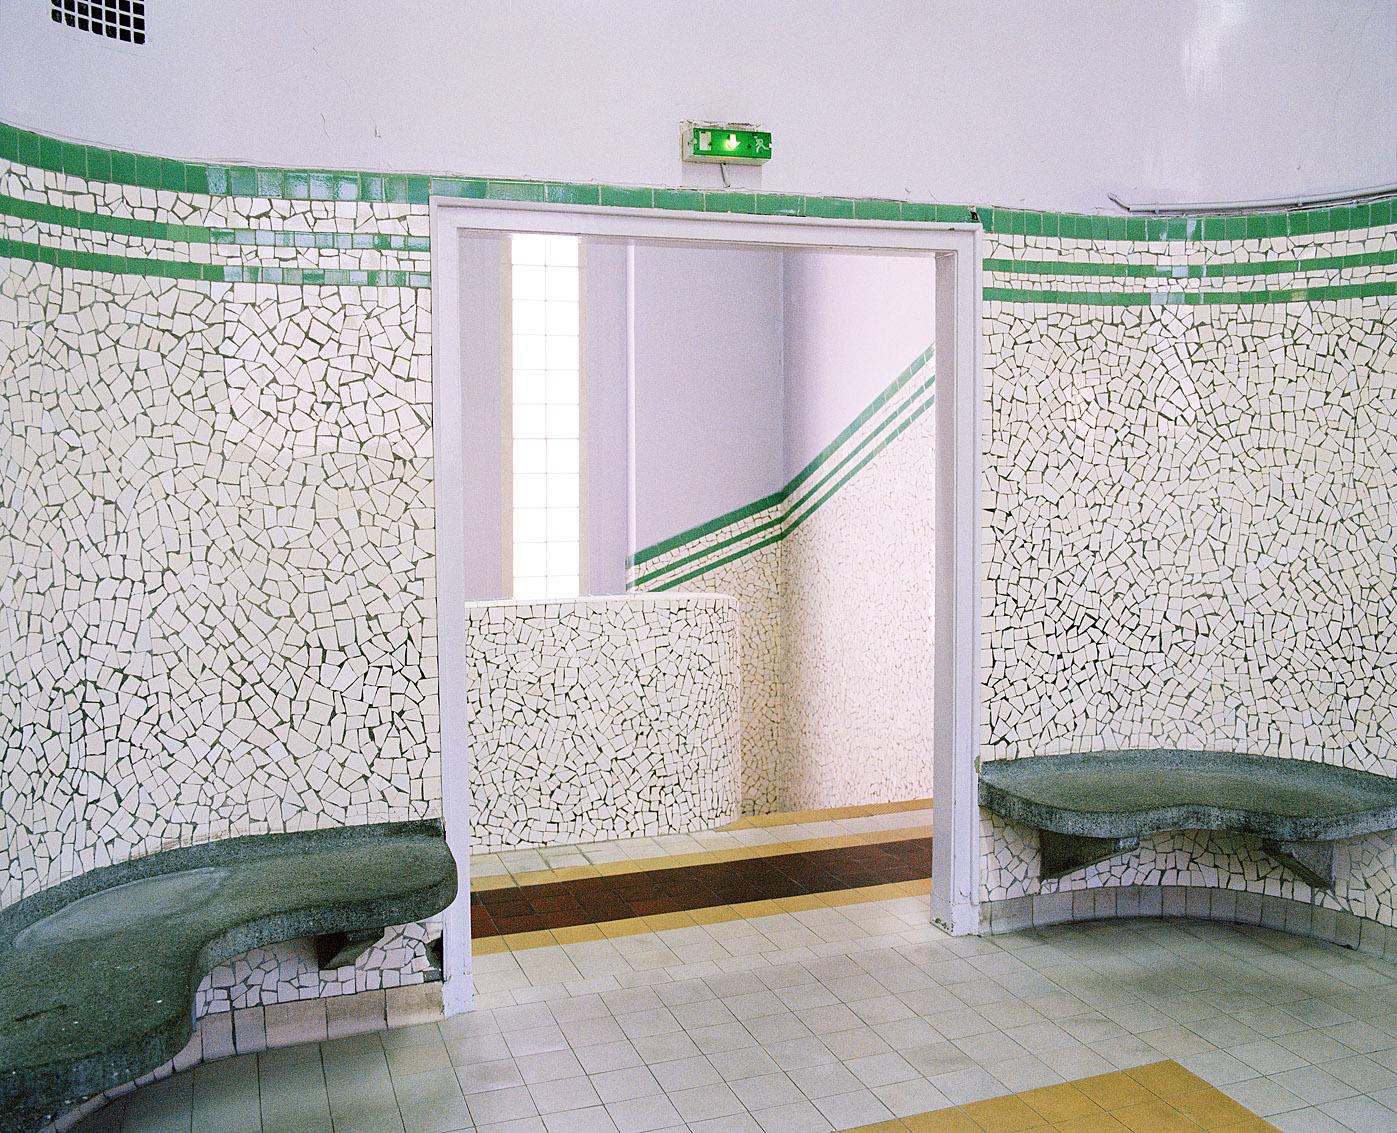 Salle d'attente des bains municipaux Bidassoa, Paris.